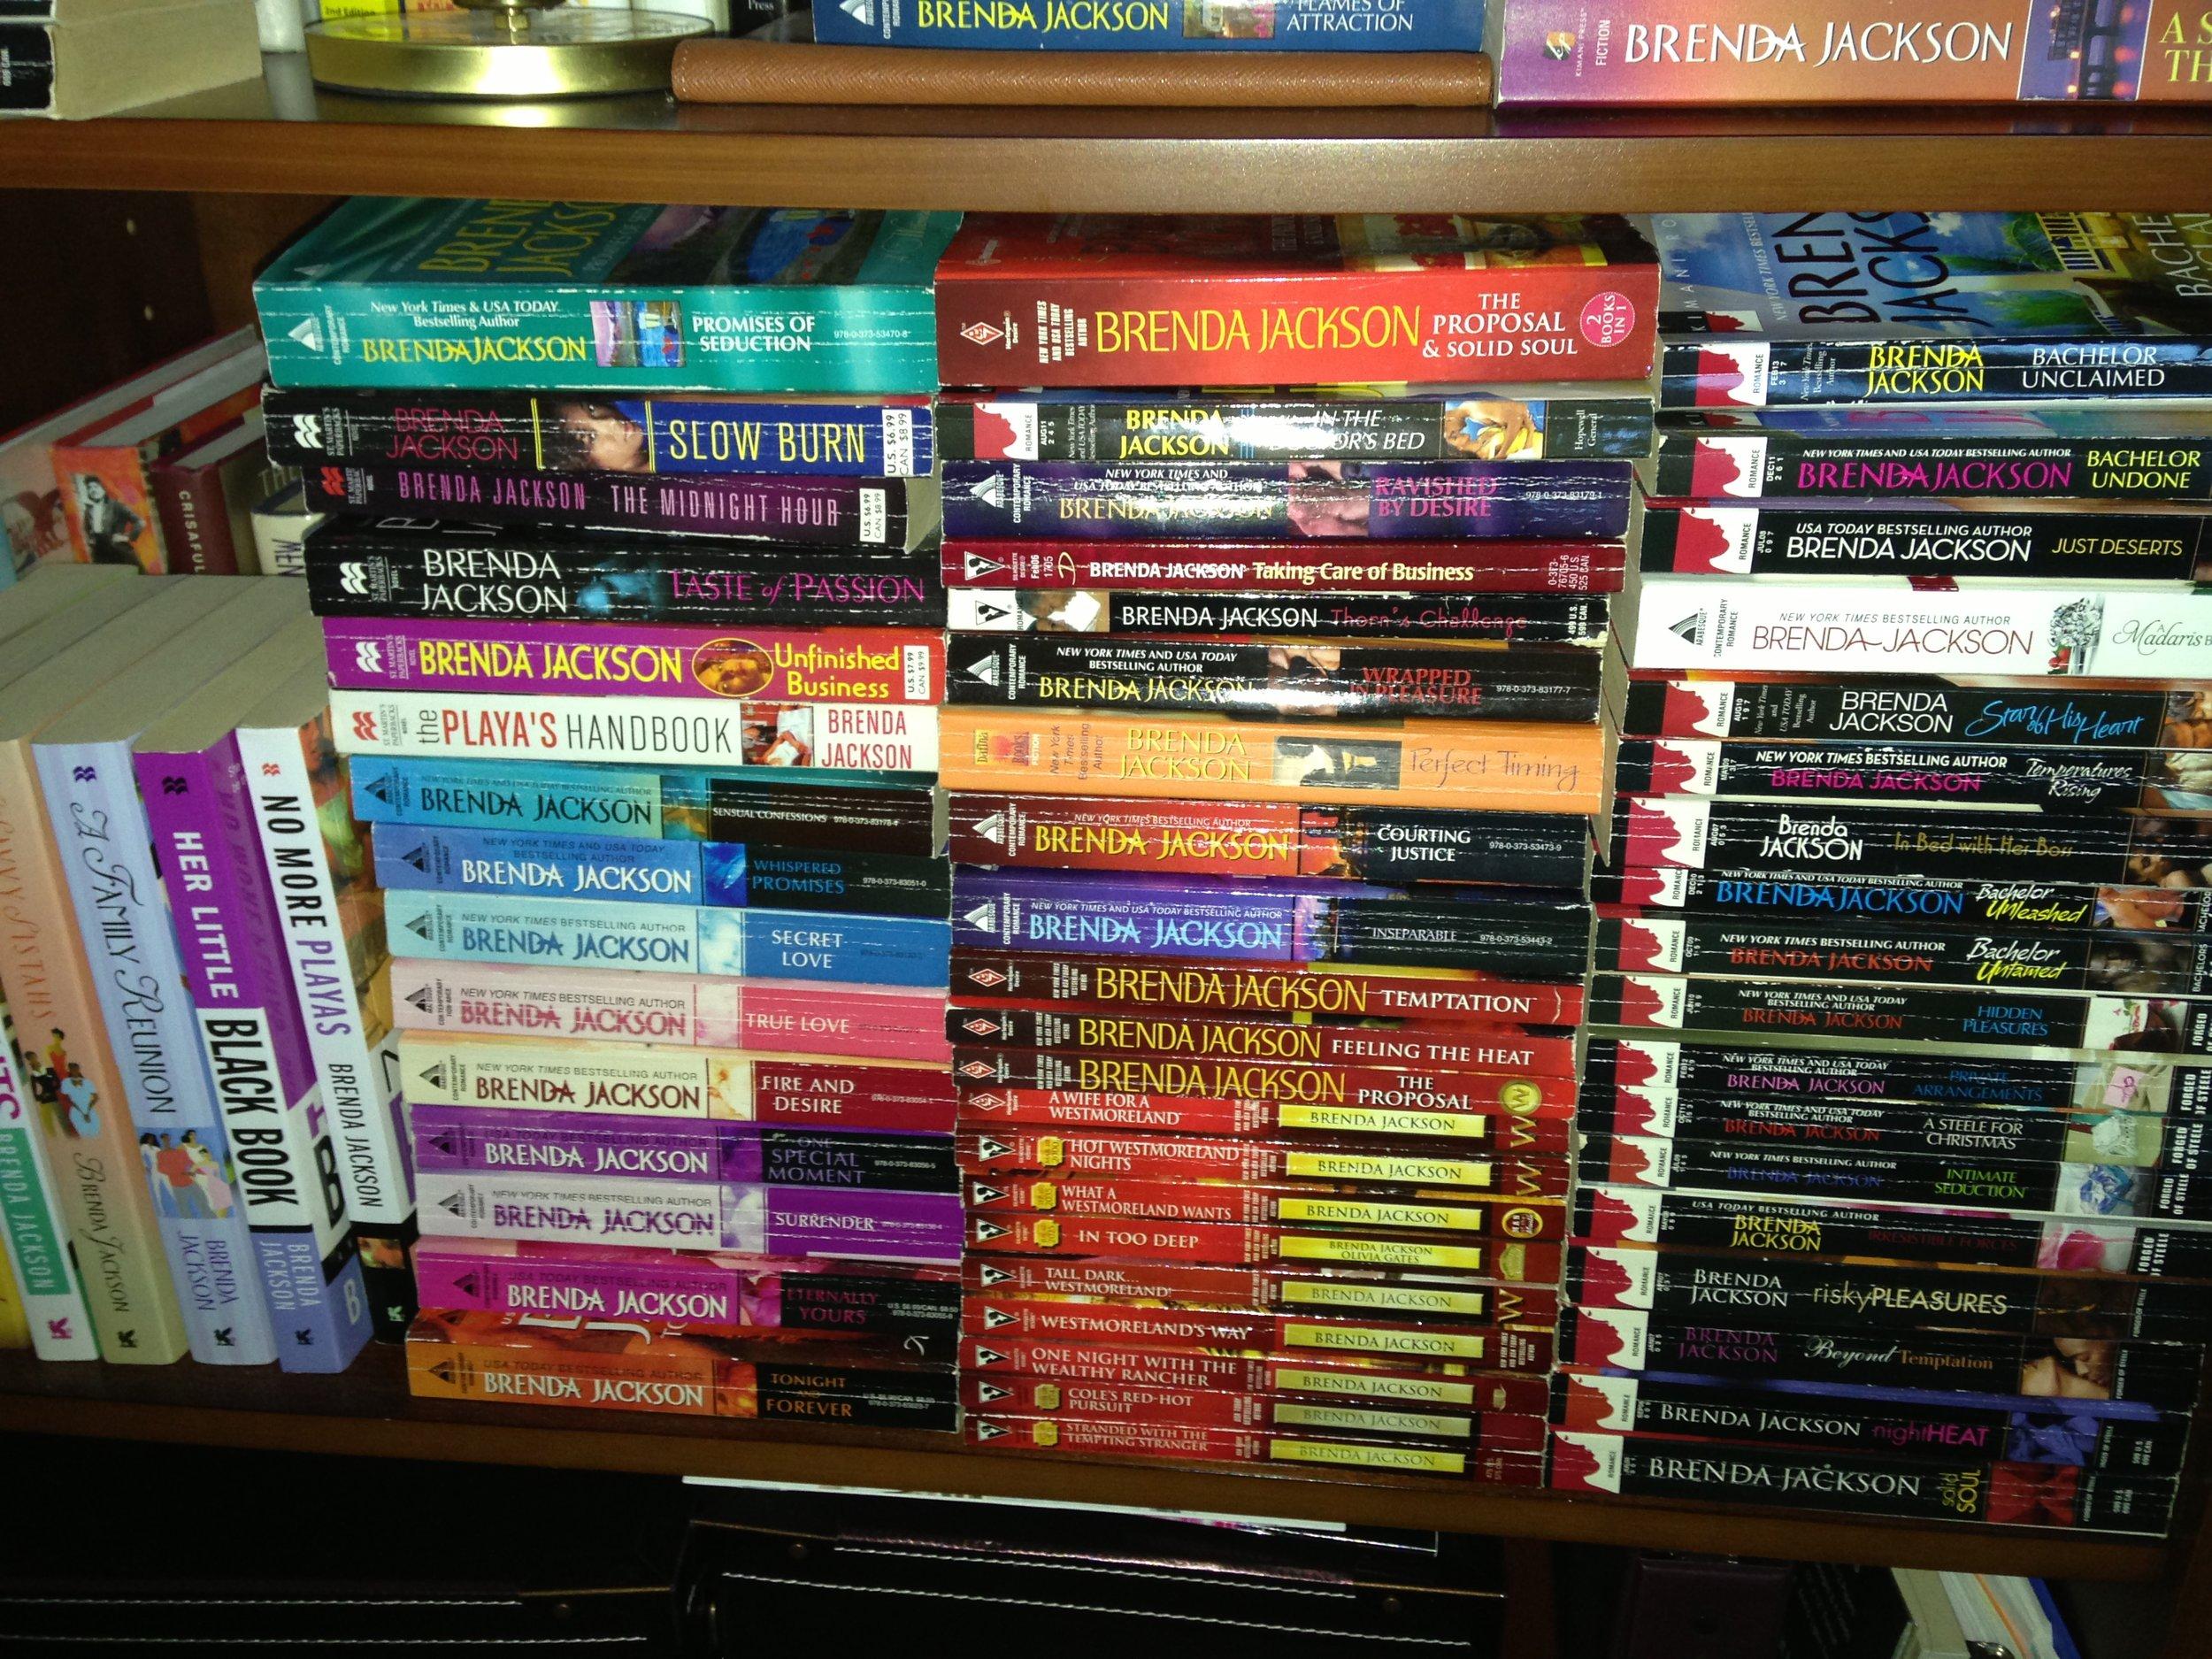 My Brenda Jackson Book Collection!